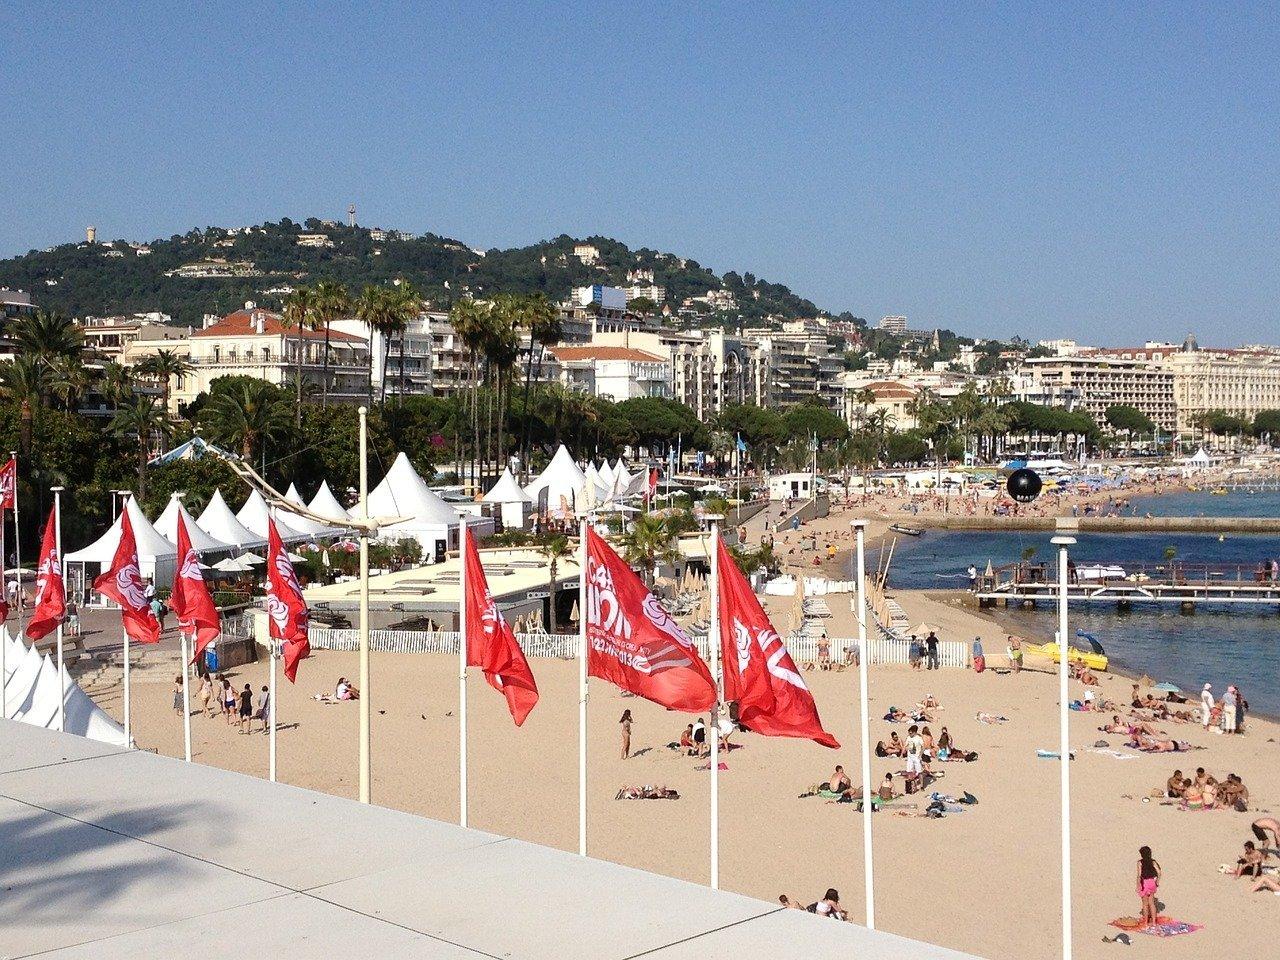 Cannes 2021: posticipata ufficialmente a luglio la prossima edizione